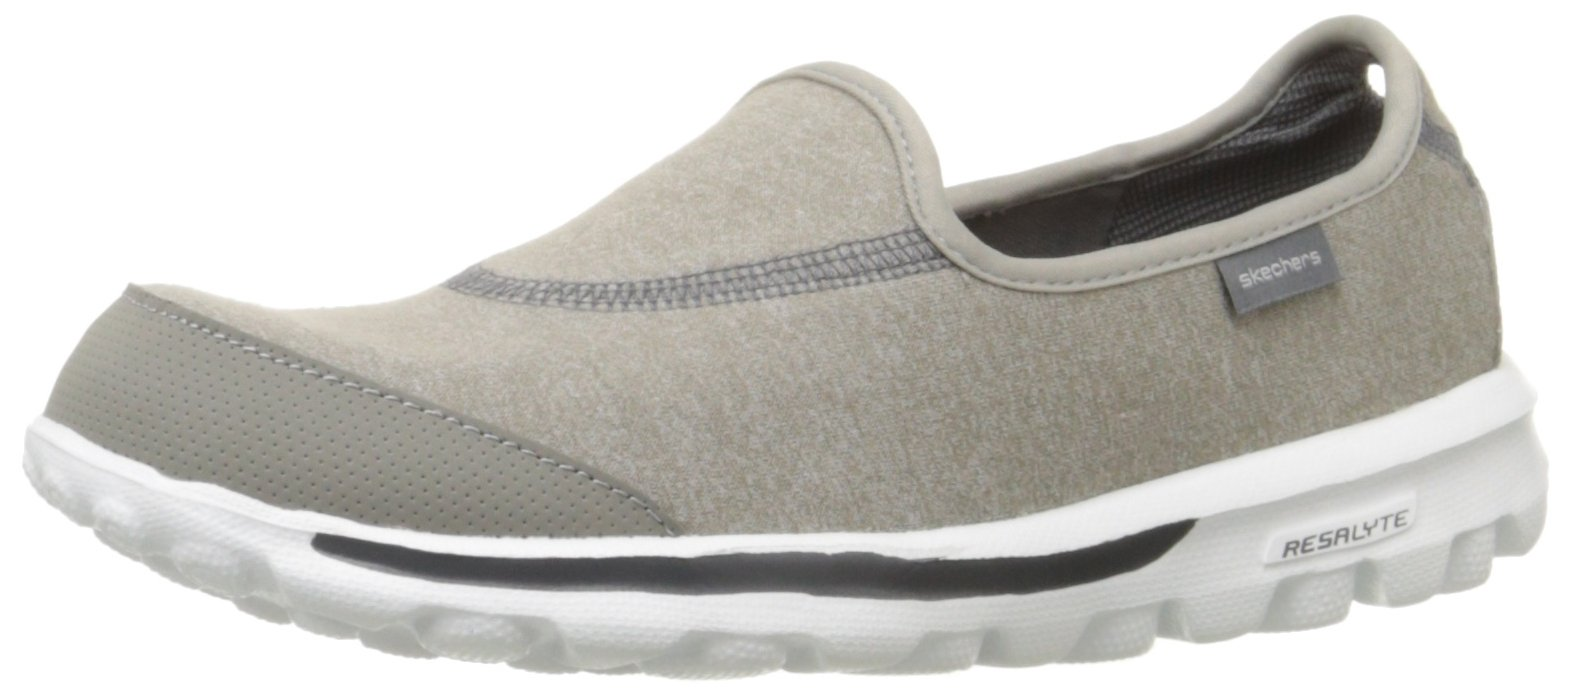 Skechers Go Walk Slip on Shoe,Grey,5.5 M US